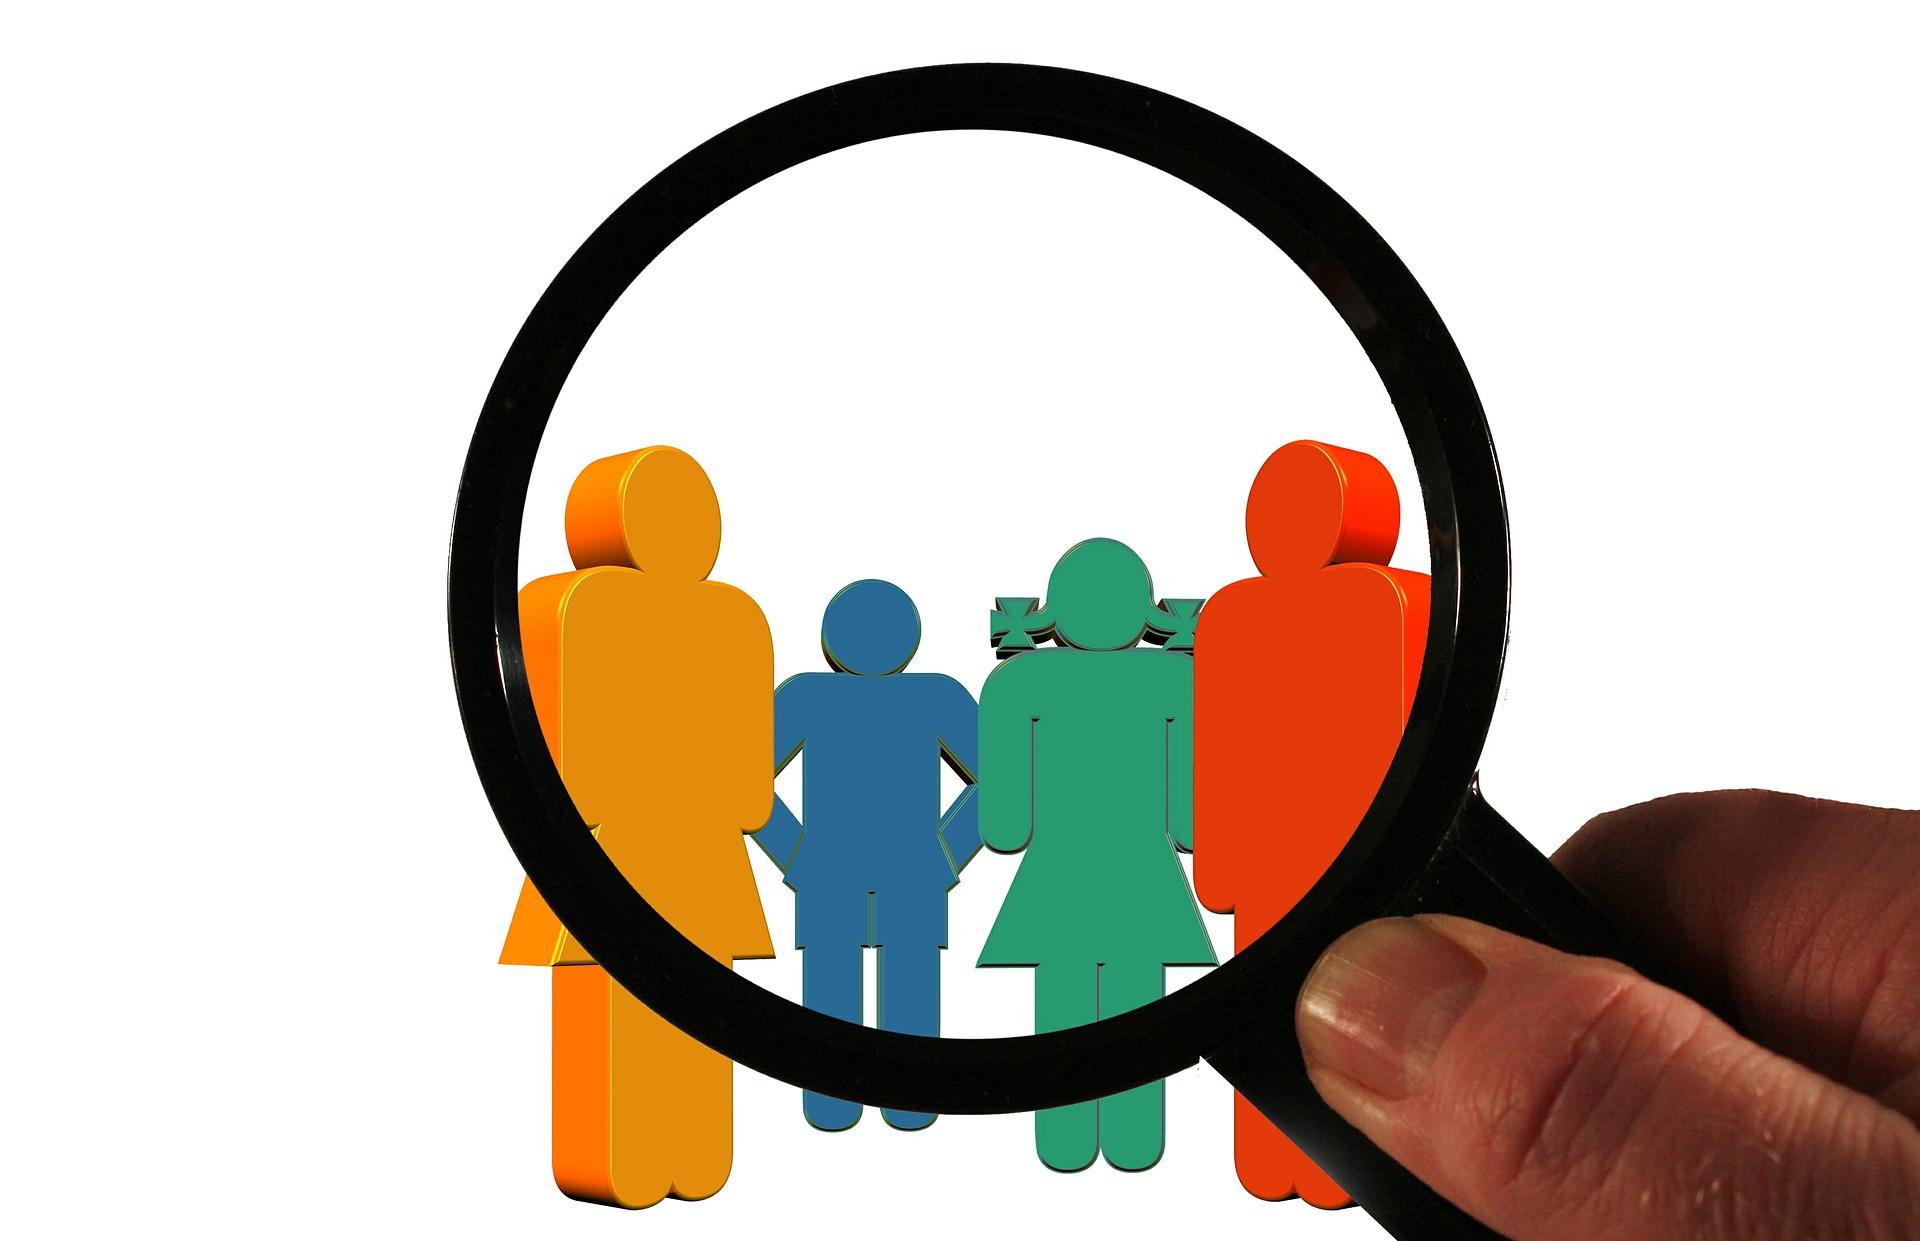 Лист ДП «ПРОЗОРРО» щодо відображення показника ПДВ у звіті про проведення процедури закупівлі відповідно до пропозиції переможця